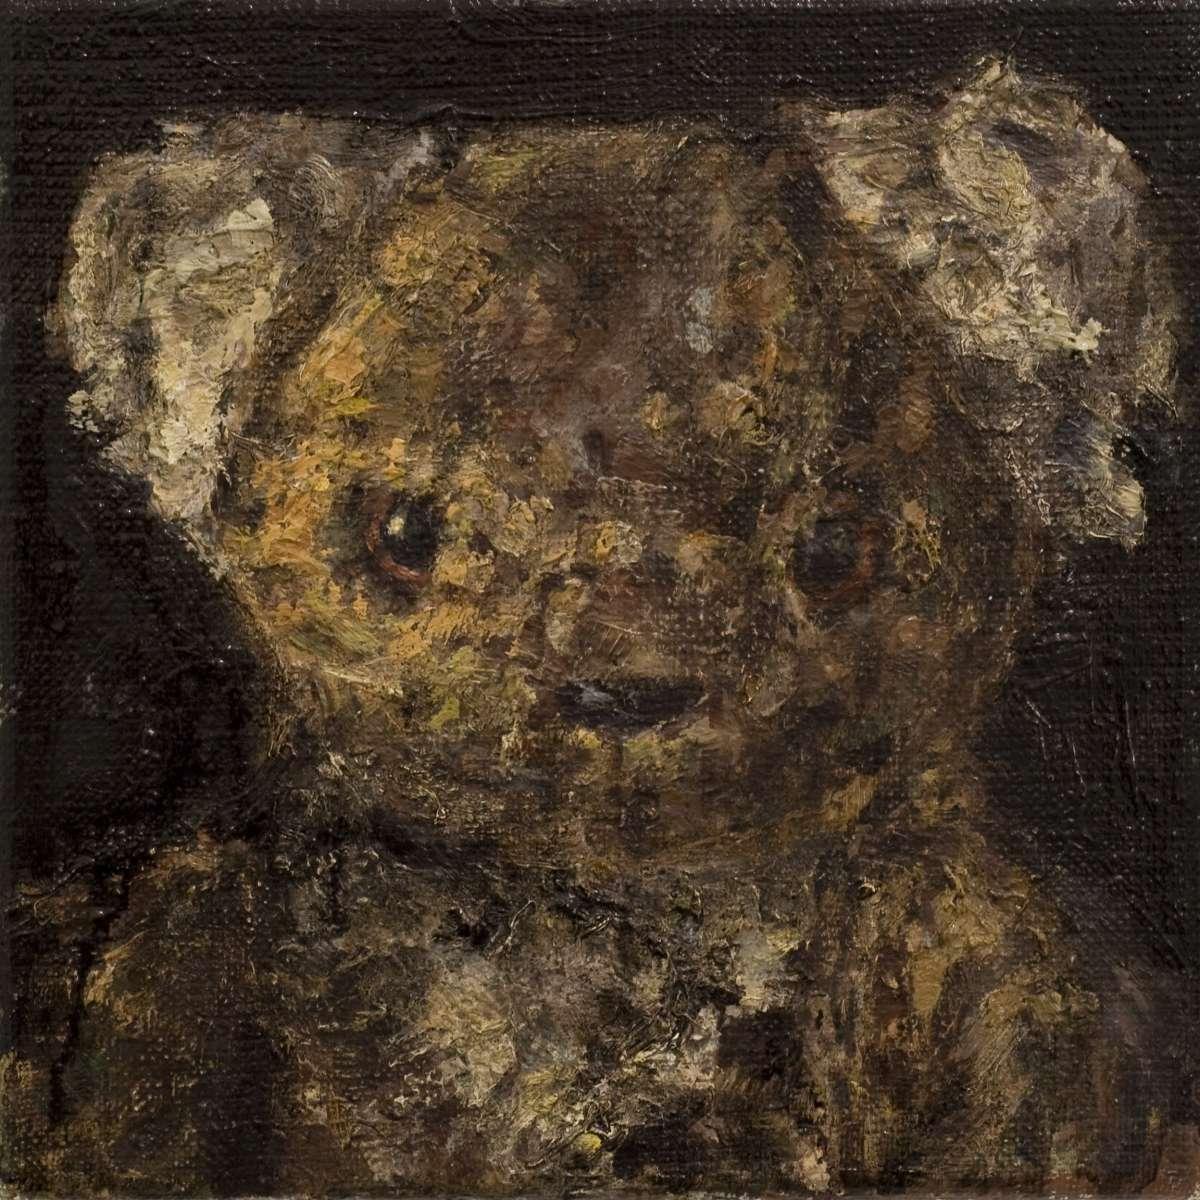 41 Koala 1561